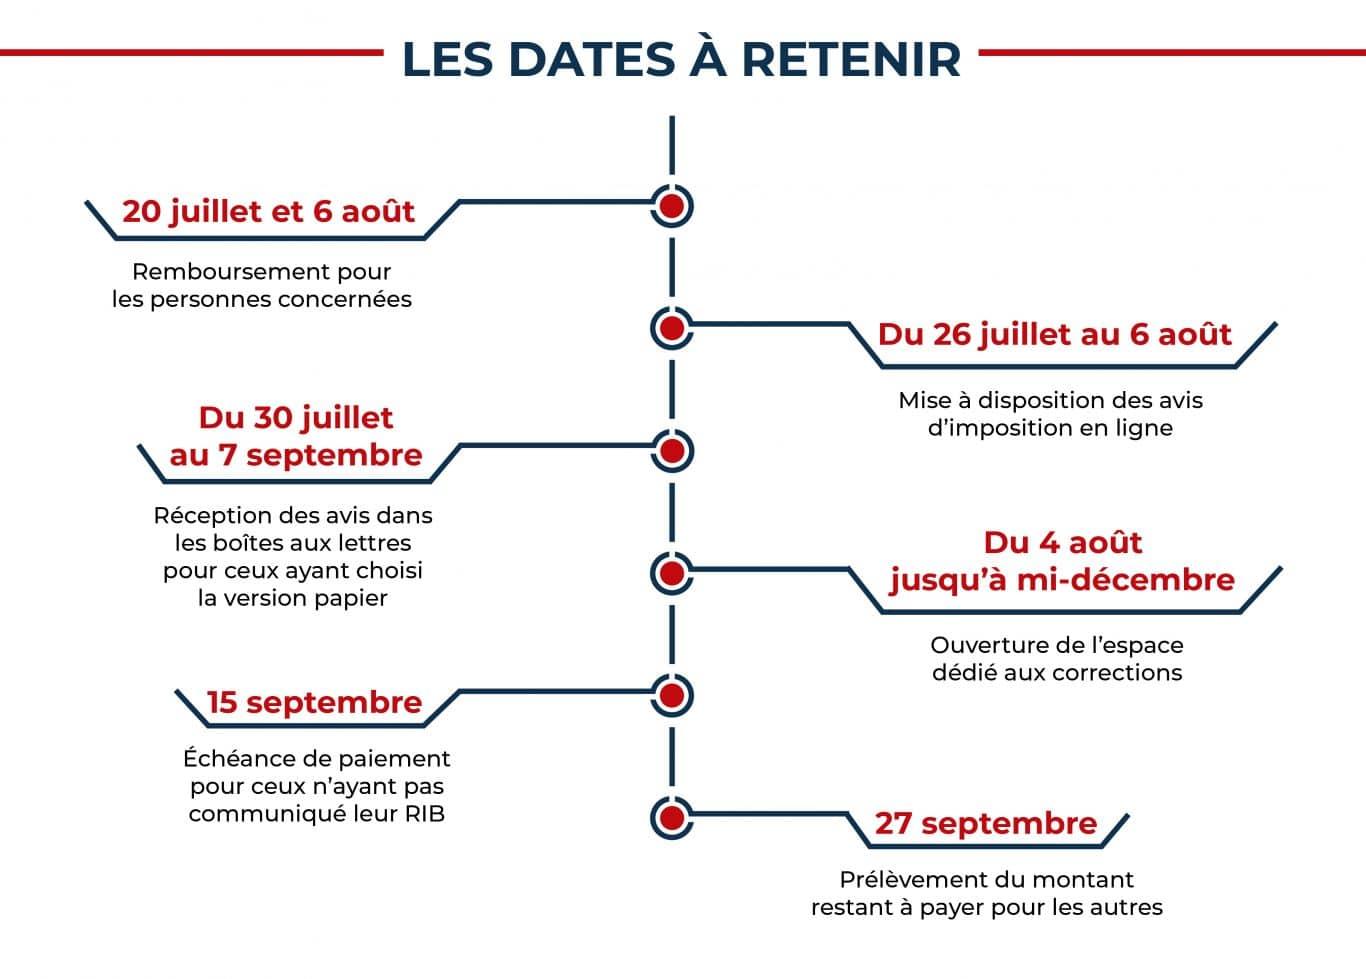 Cette infographie présente les prochaines échéances à venir pour la déclaration d'impôt 2021.